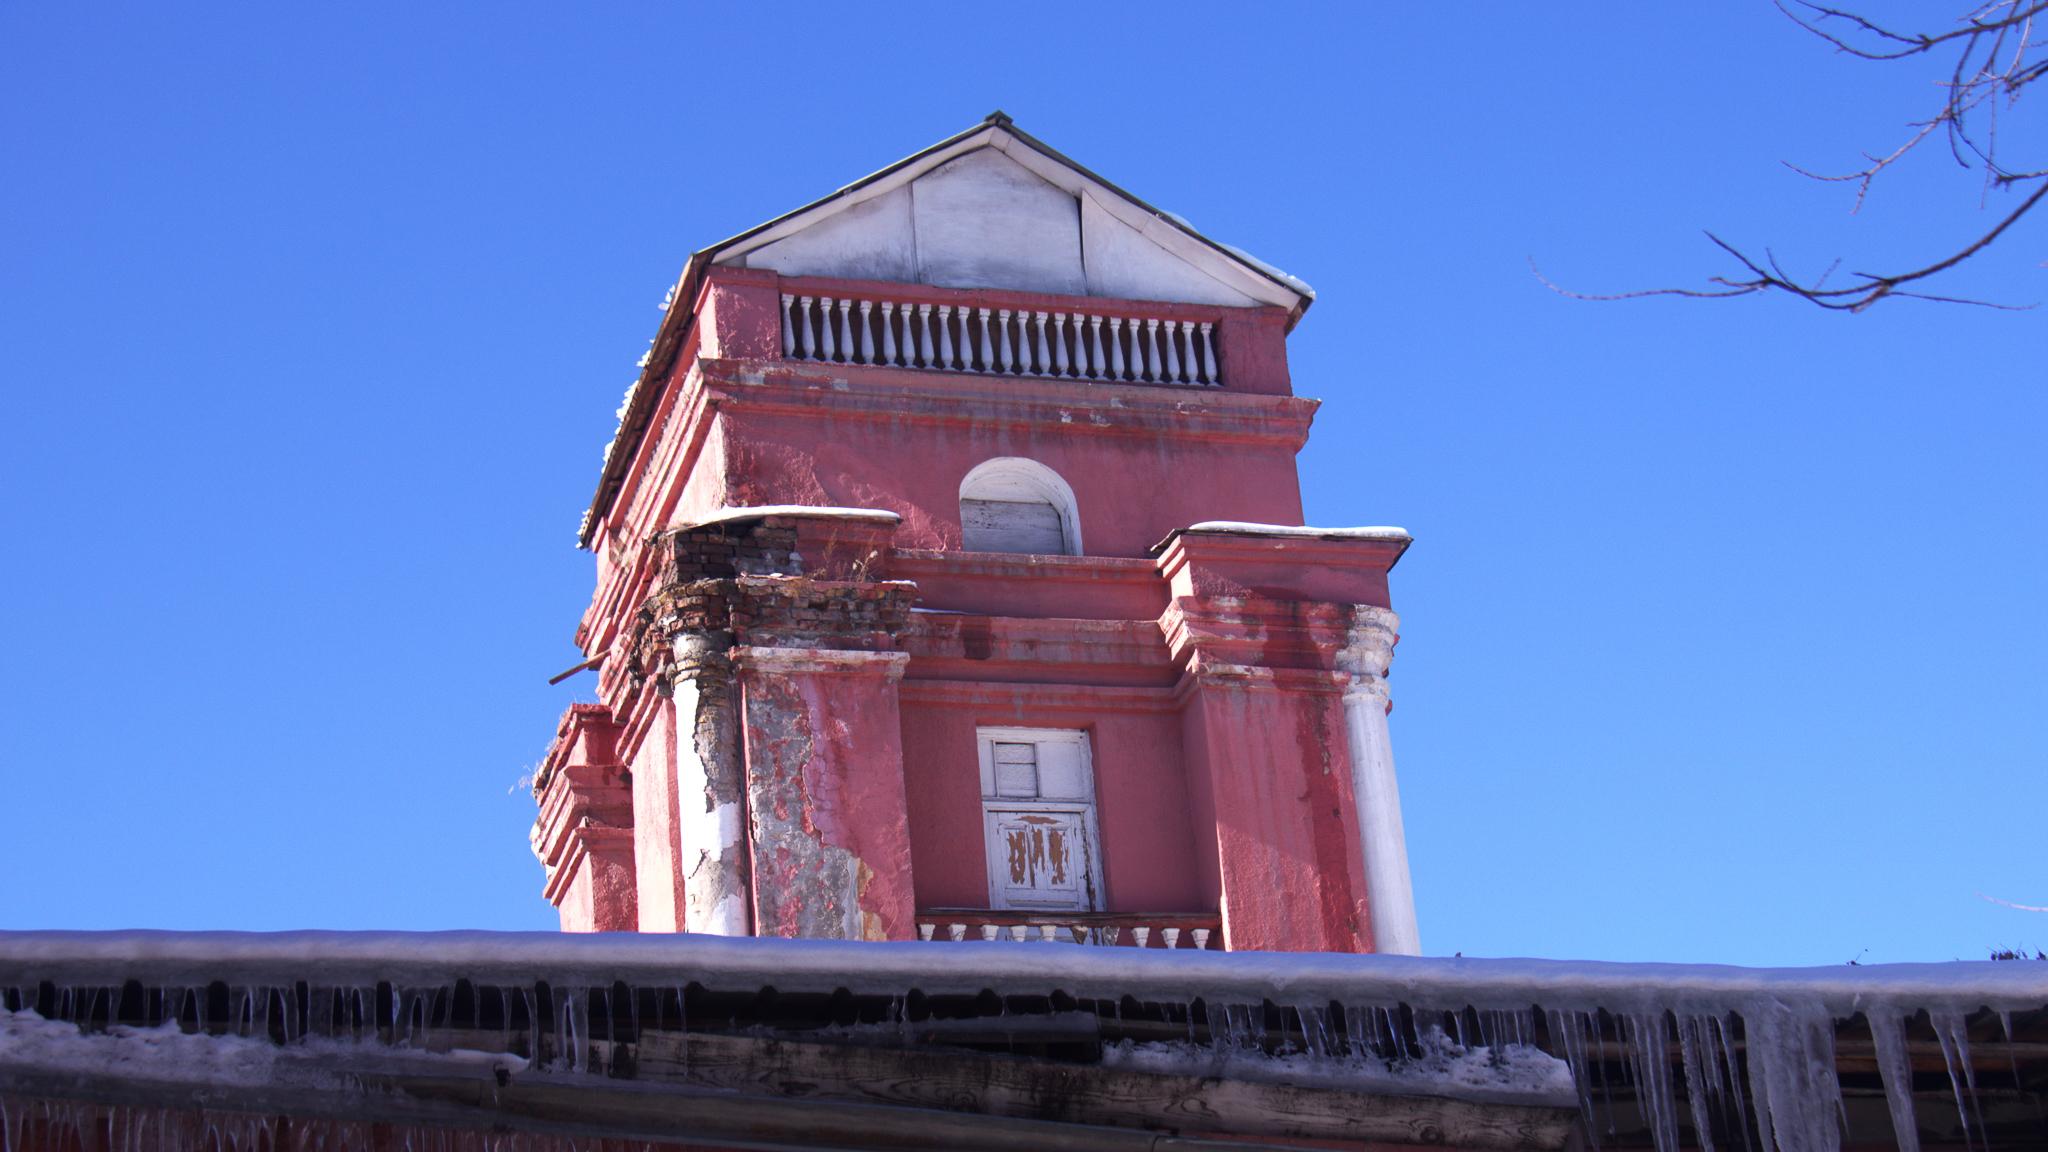 Когда-нибудь Первомайский районный суд, мэрия Бишкека и Главархитектура заметят, как красиво здание суда. И, возможно, тогда оно будет отремонтировано, покрашено, а его архитектура порадует горожан былой красотой.